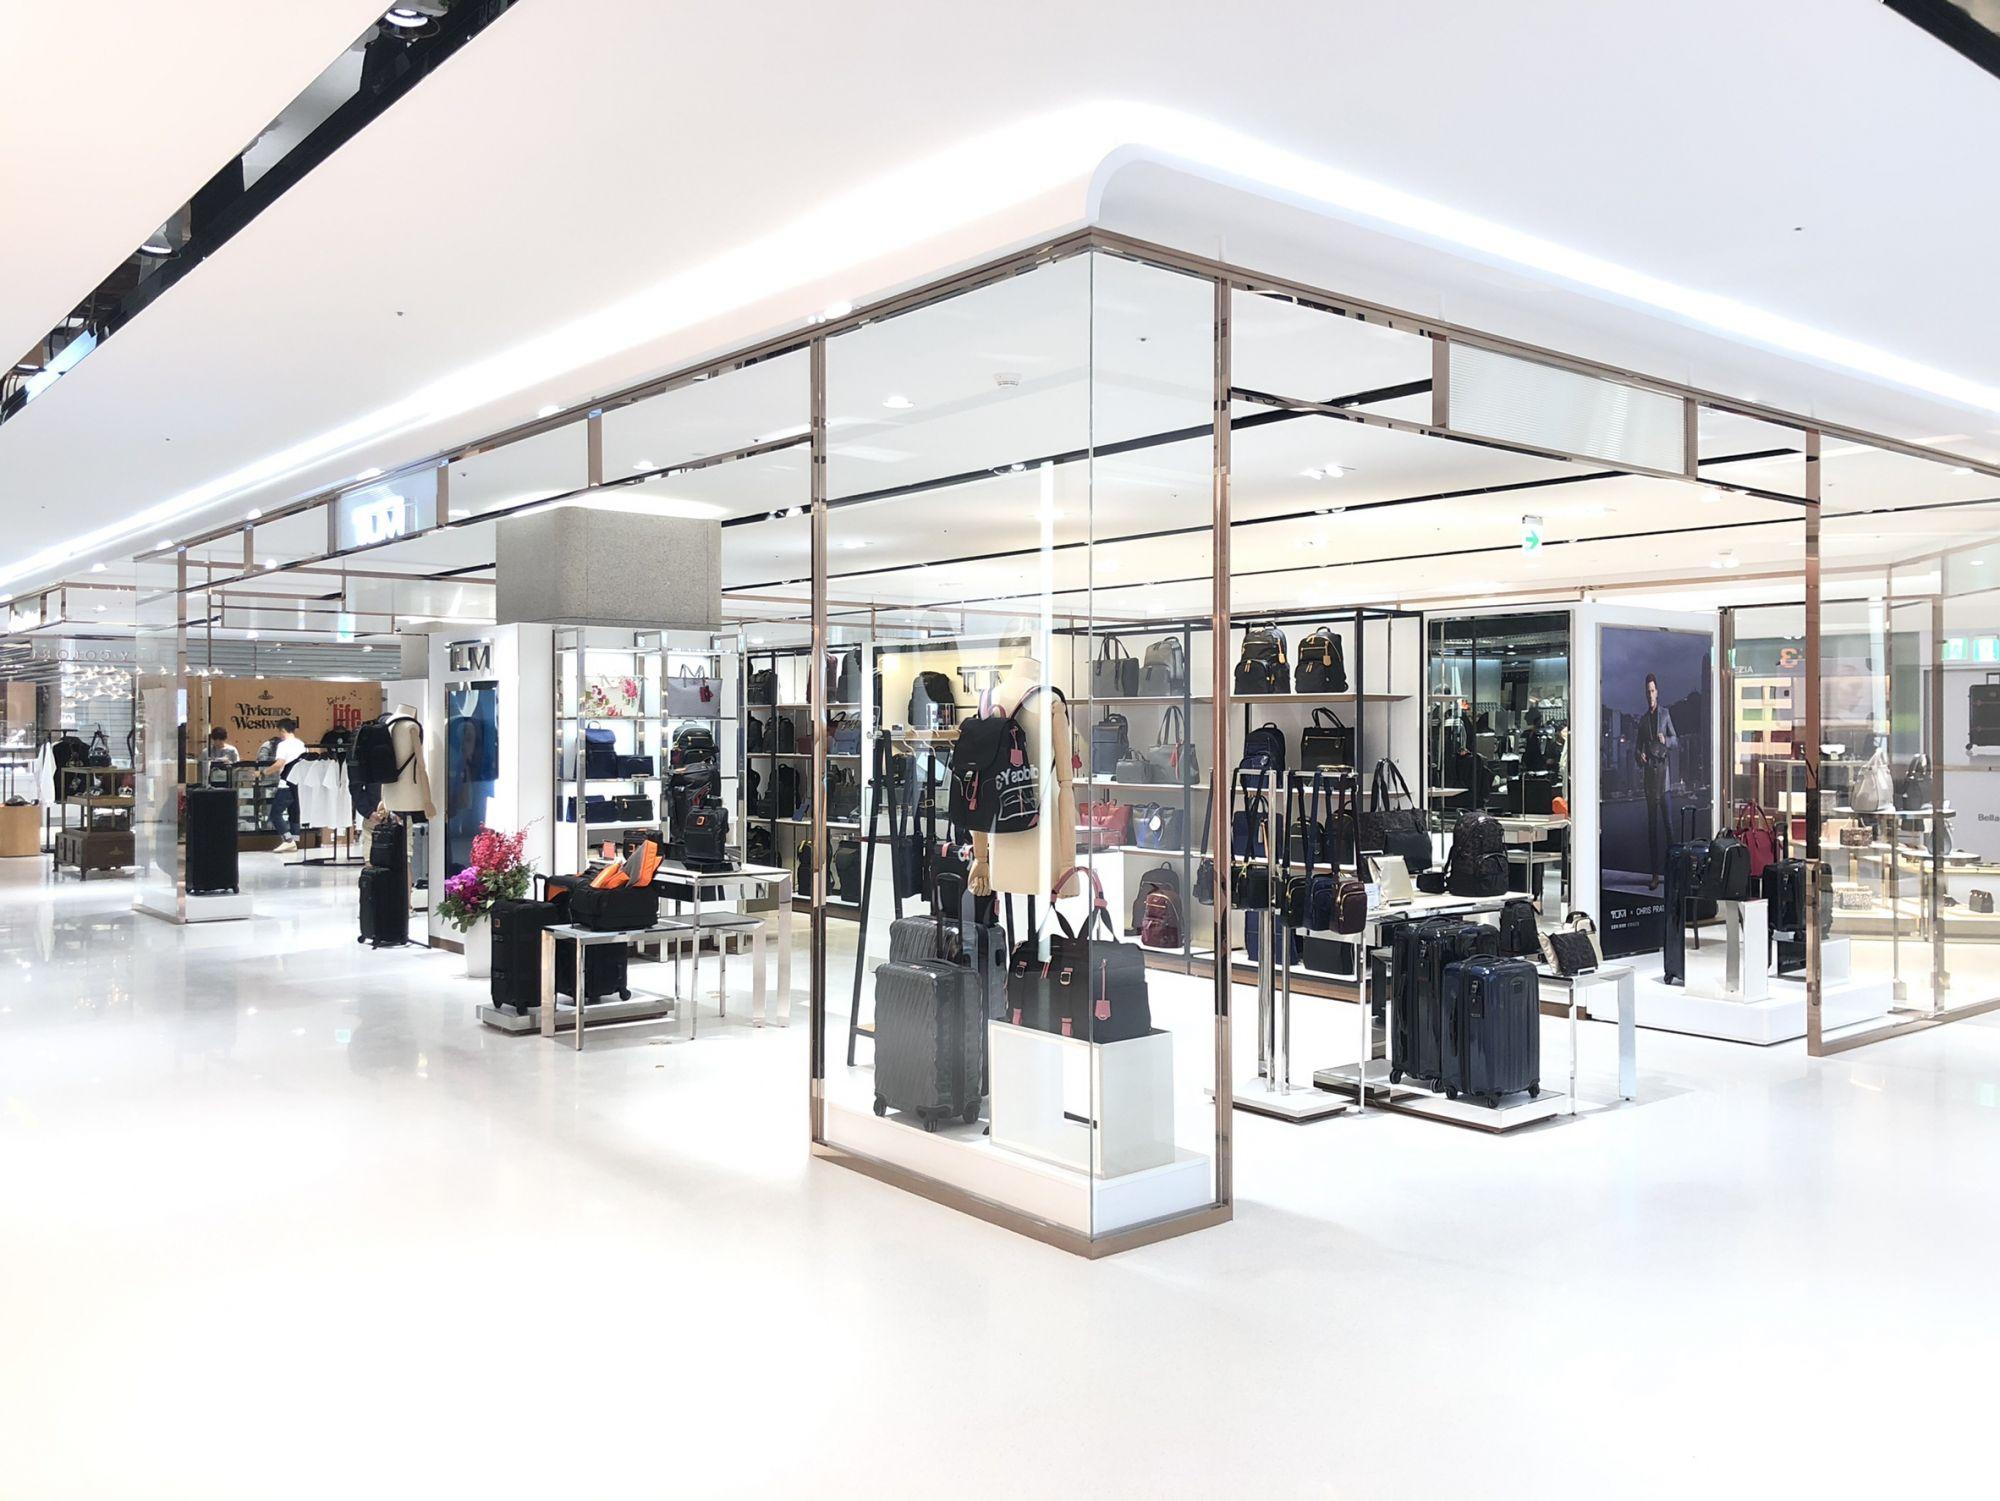 TUMI 遠百信義A13 開幕慶  打造明亮且舒適的全新購物環境